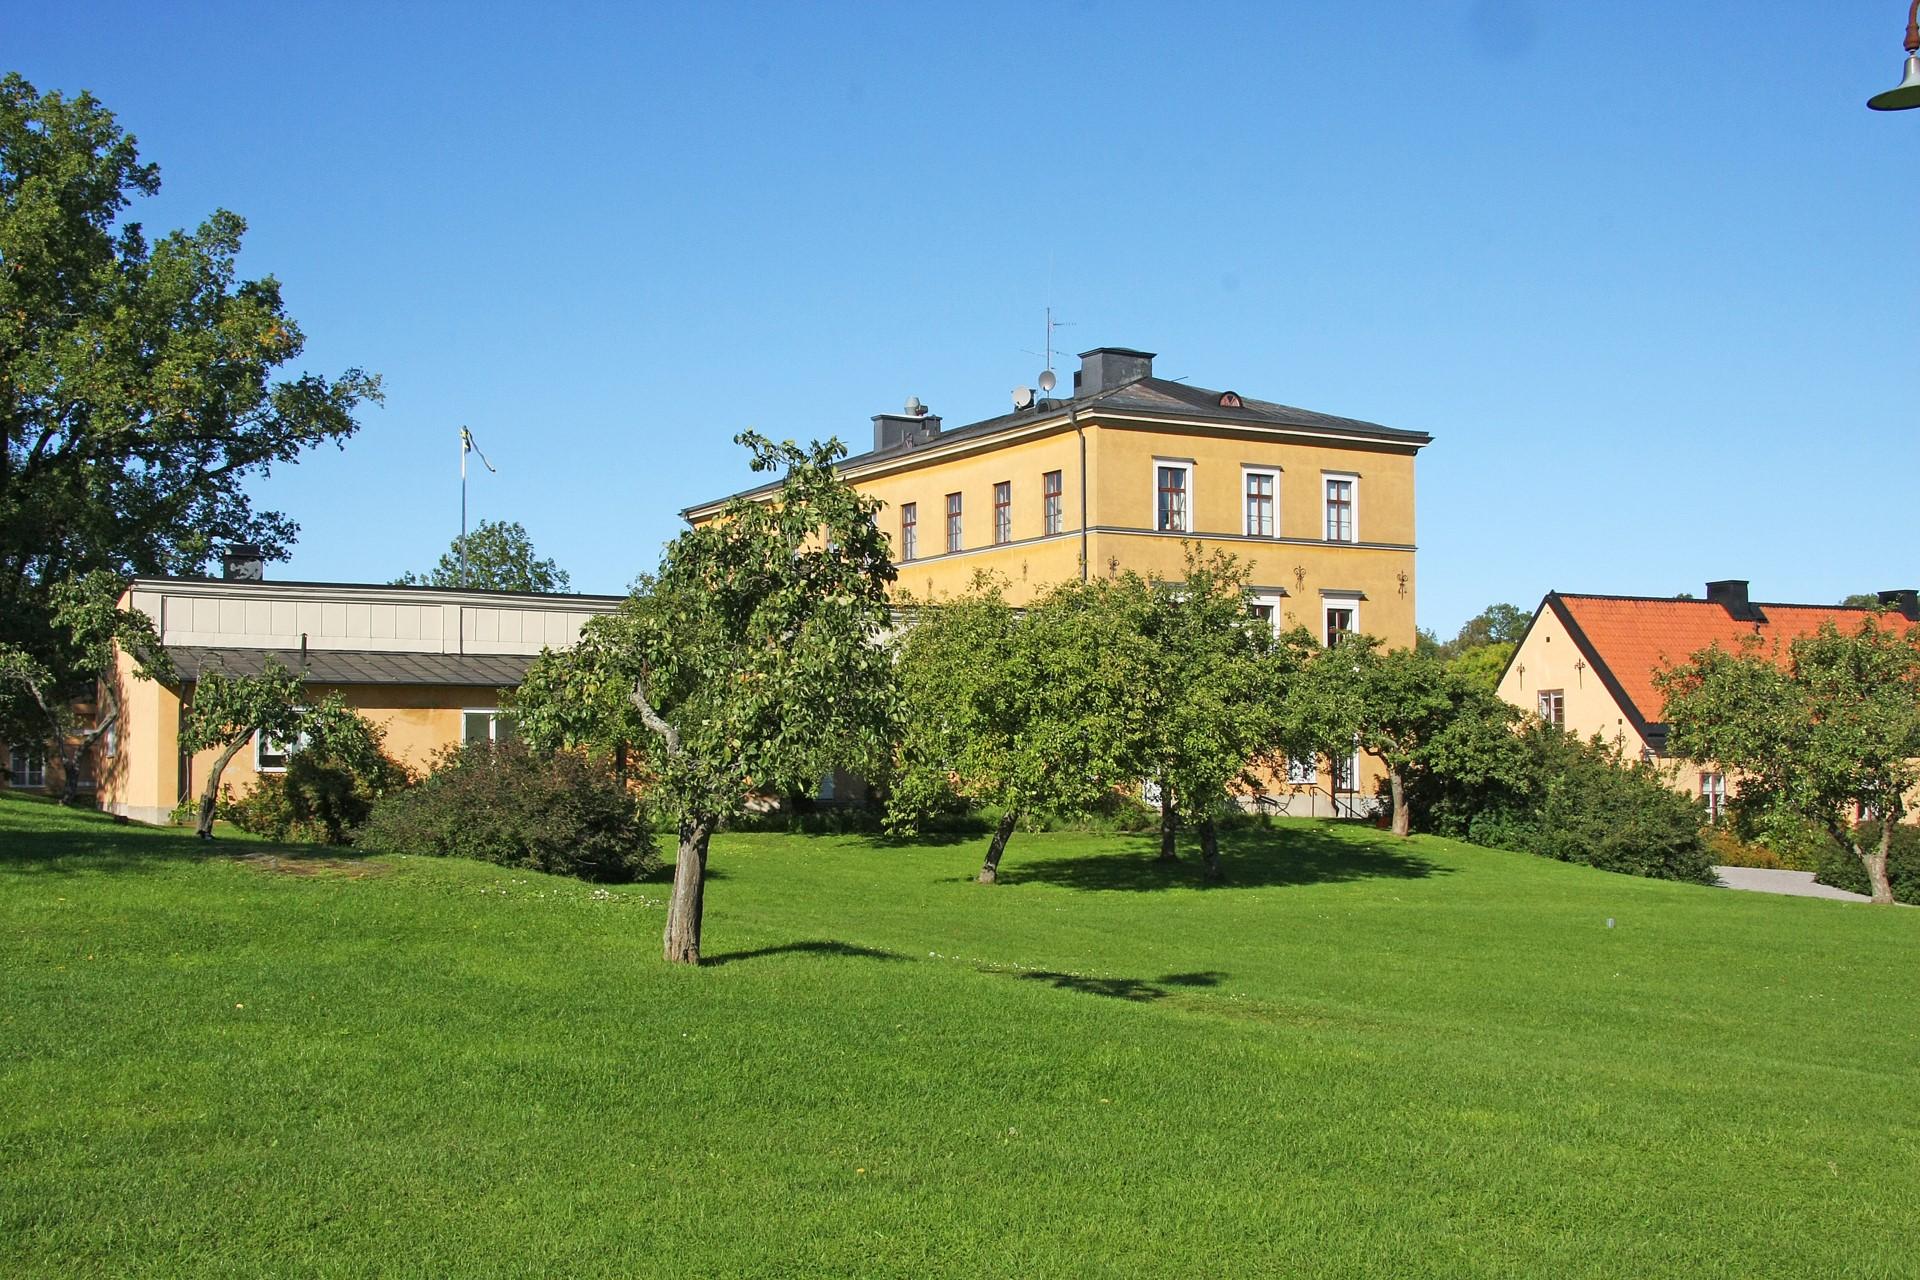 Ulvsunda Slott